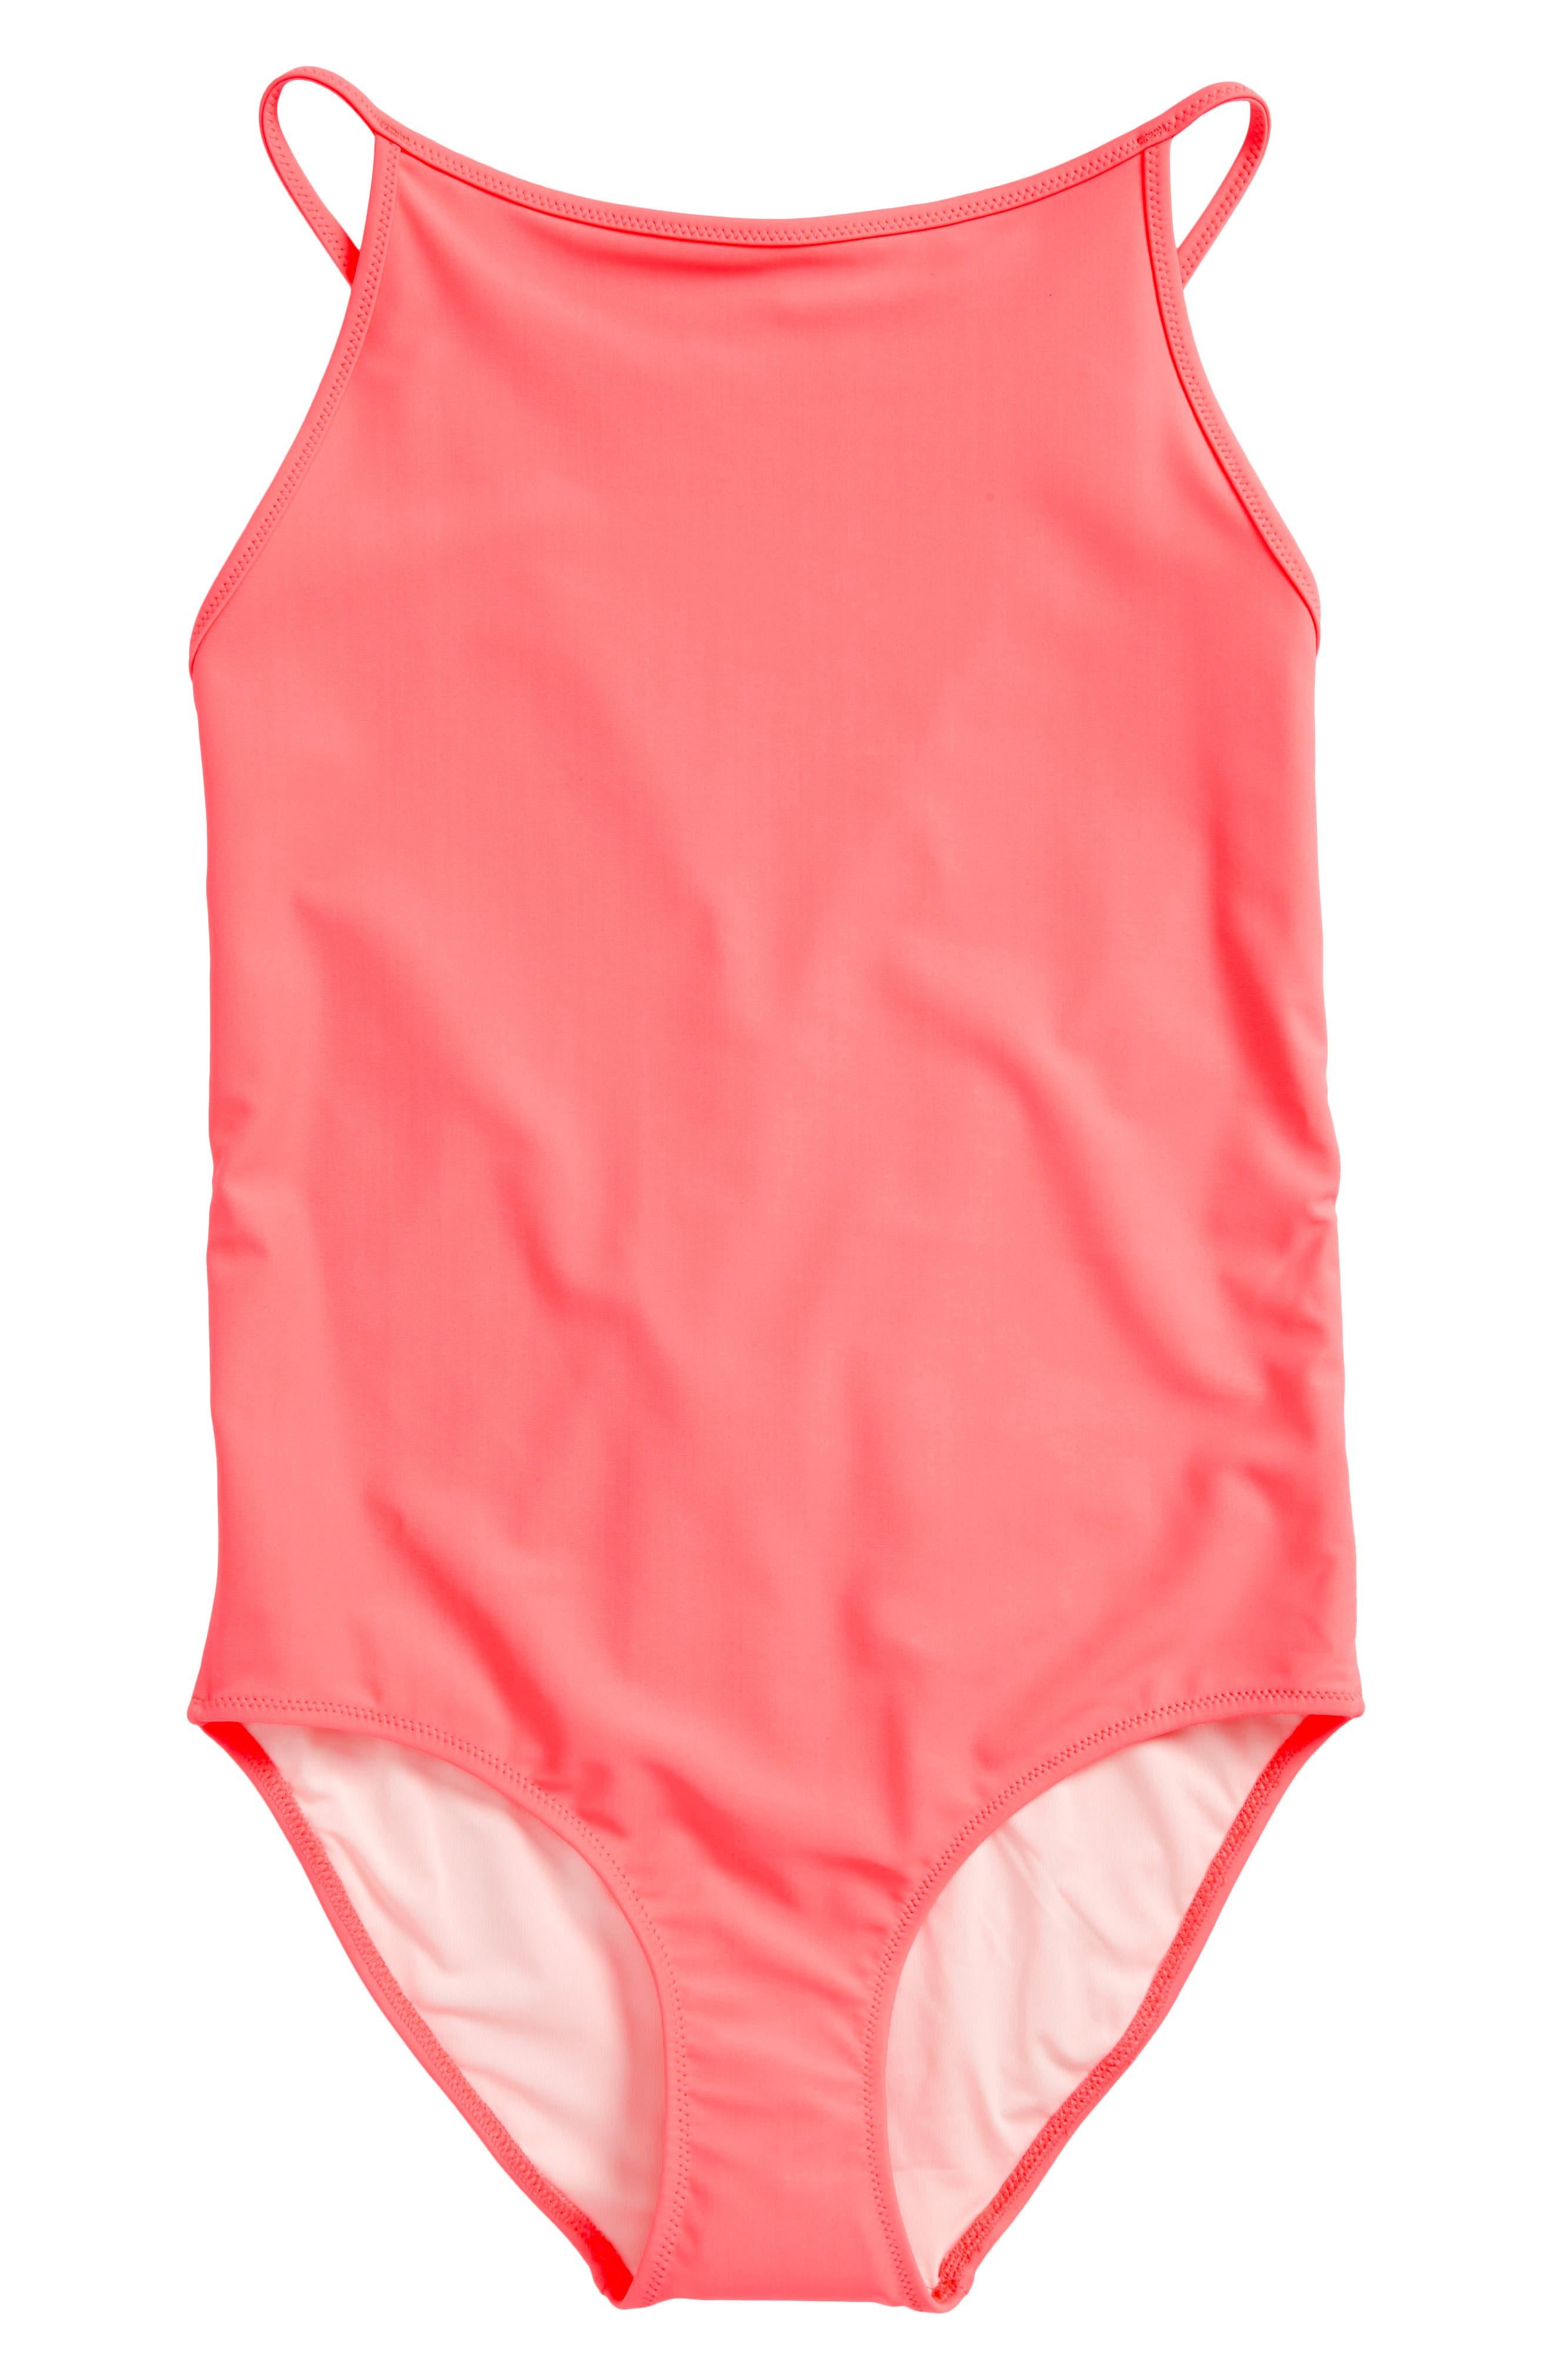 Sandine One-Piece Swimsuit,                             Main thumbnail 1, color,                             950